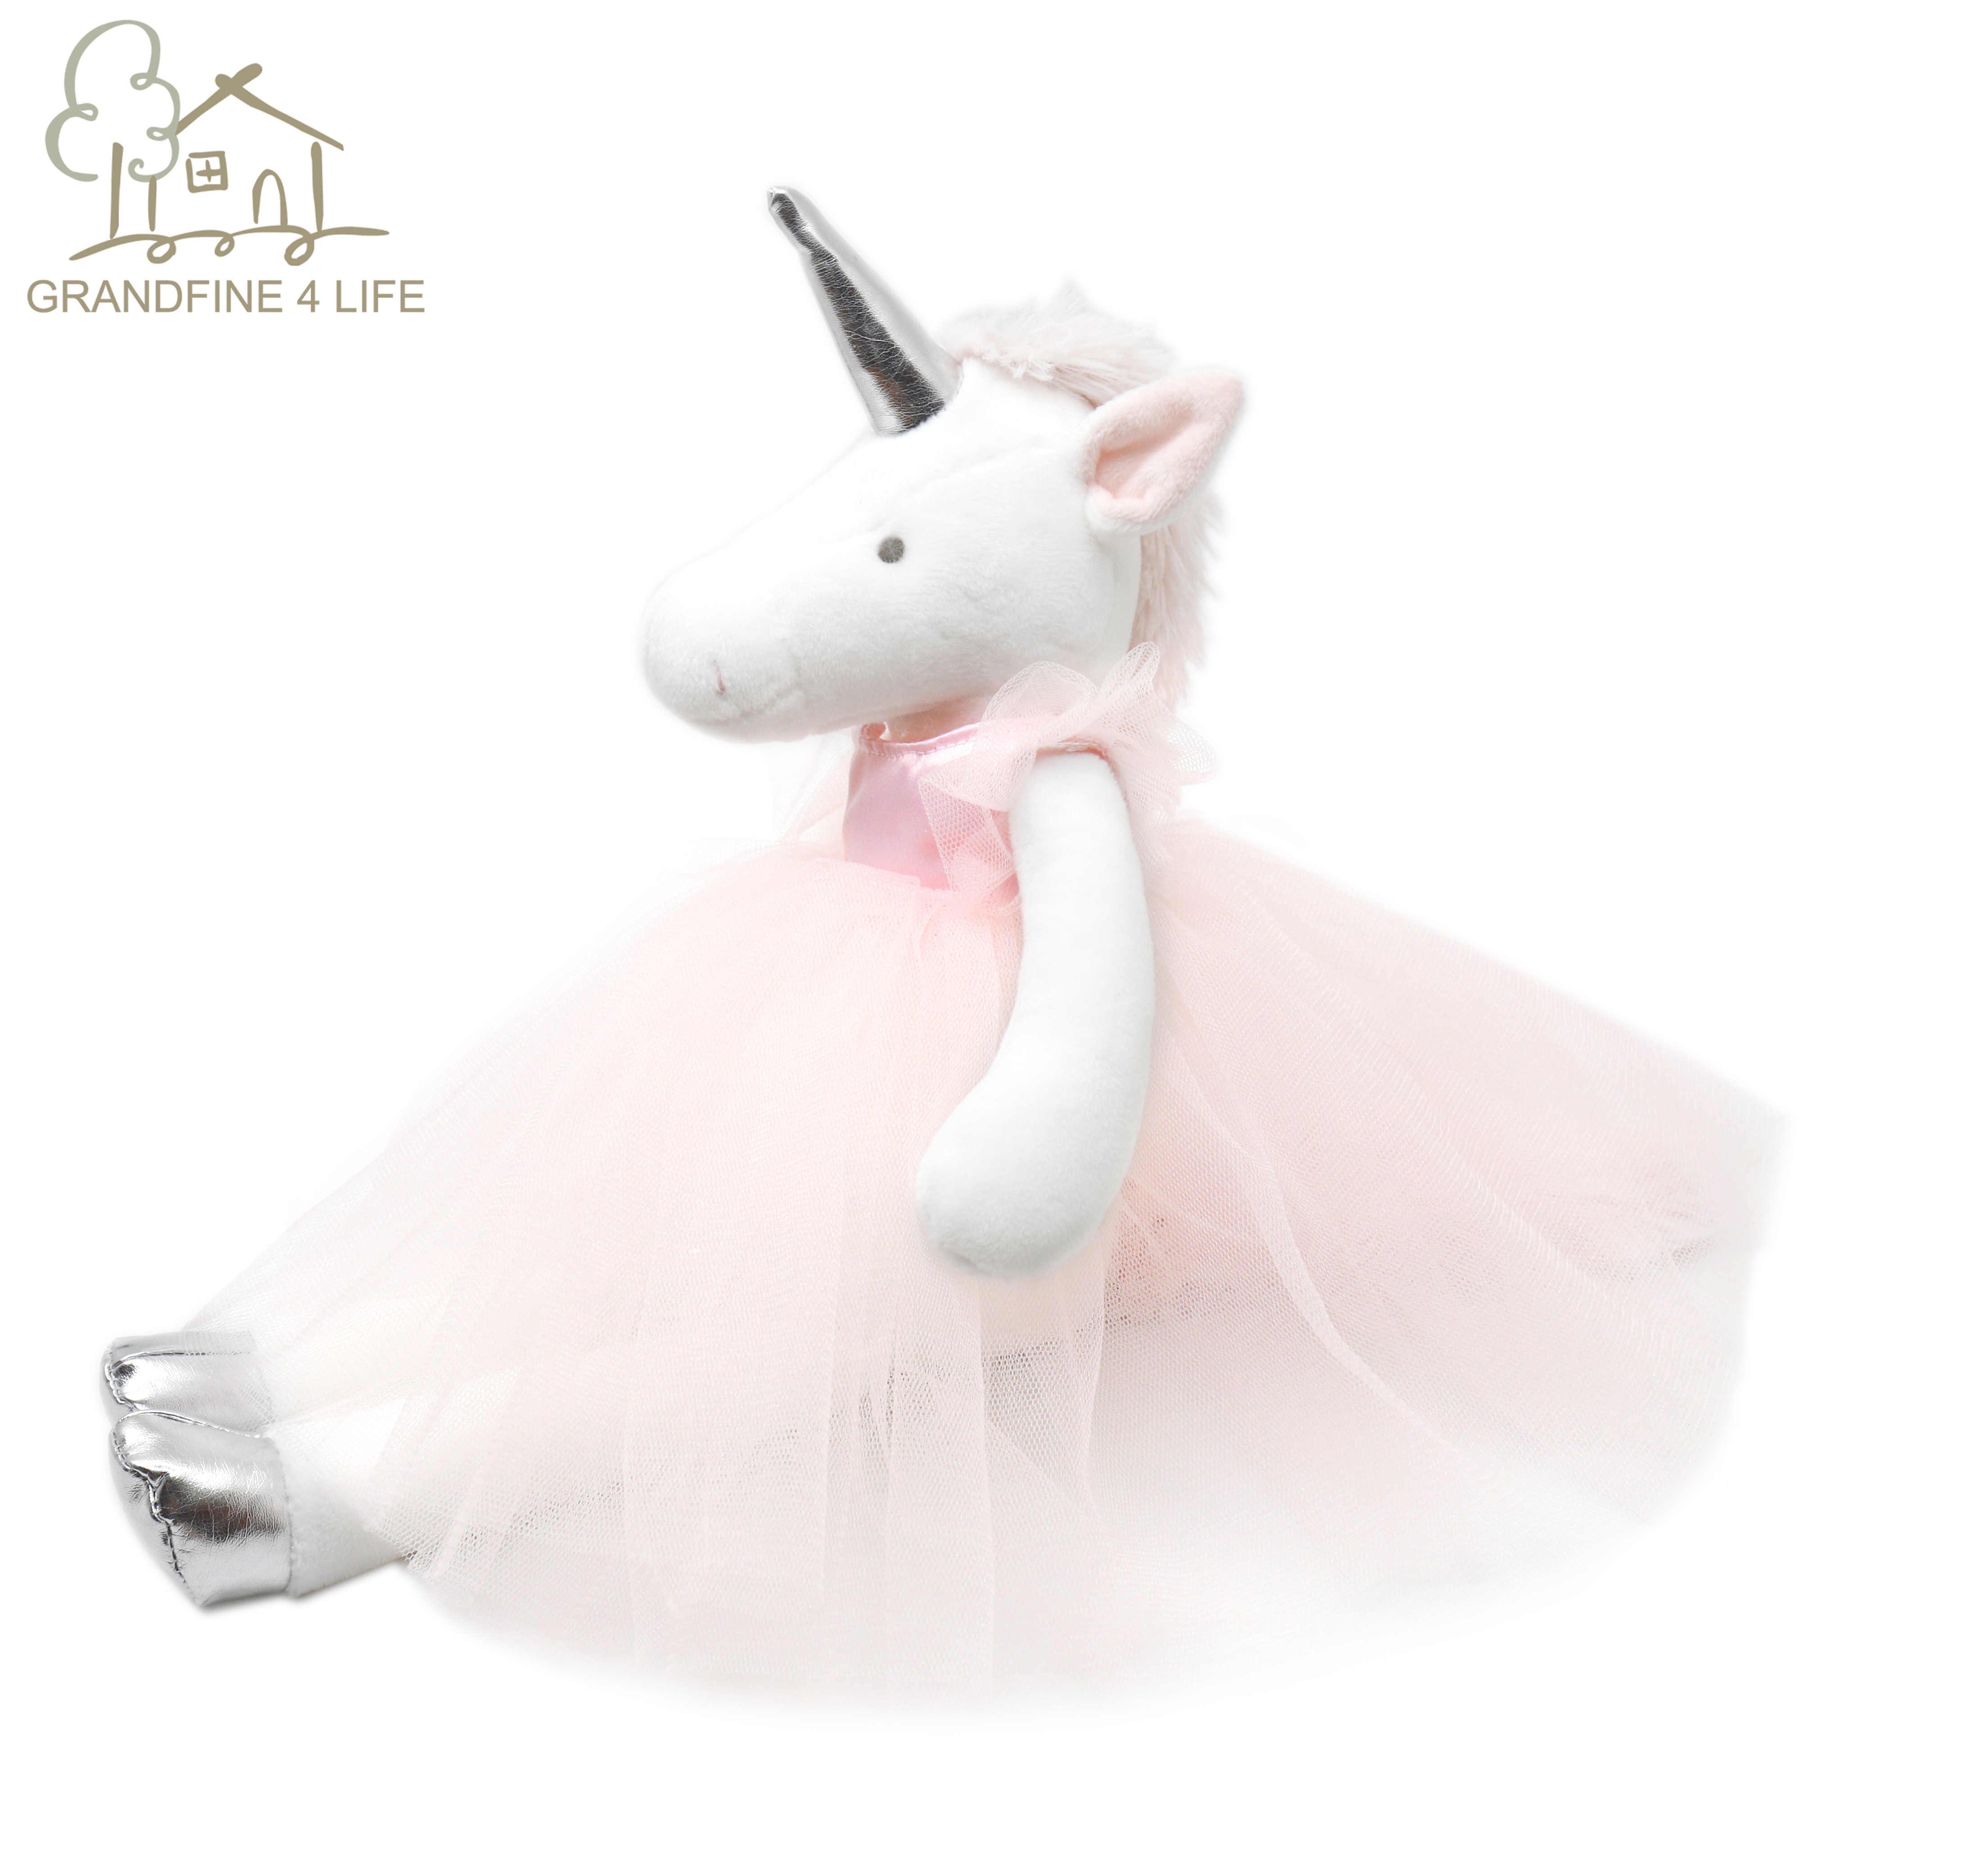 Lüks Mogo balerin Unicorn peluş doldurulmuş bebek çıkarılabilir Tutu elbise çocuk günü hediye pembe prenses Unicorn kız bebek